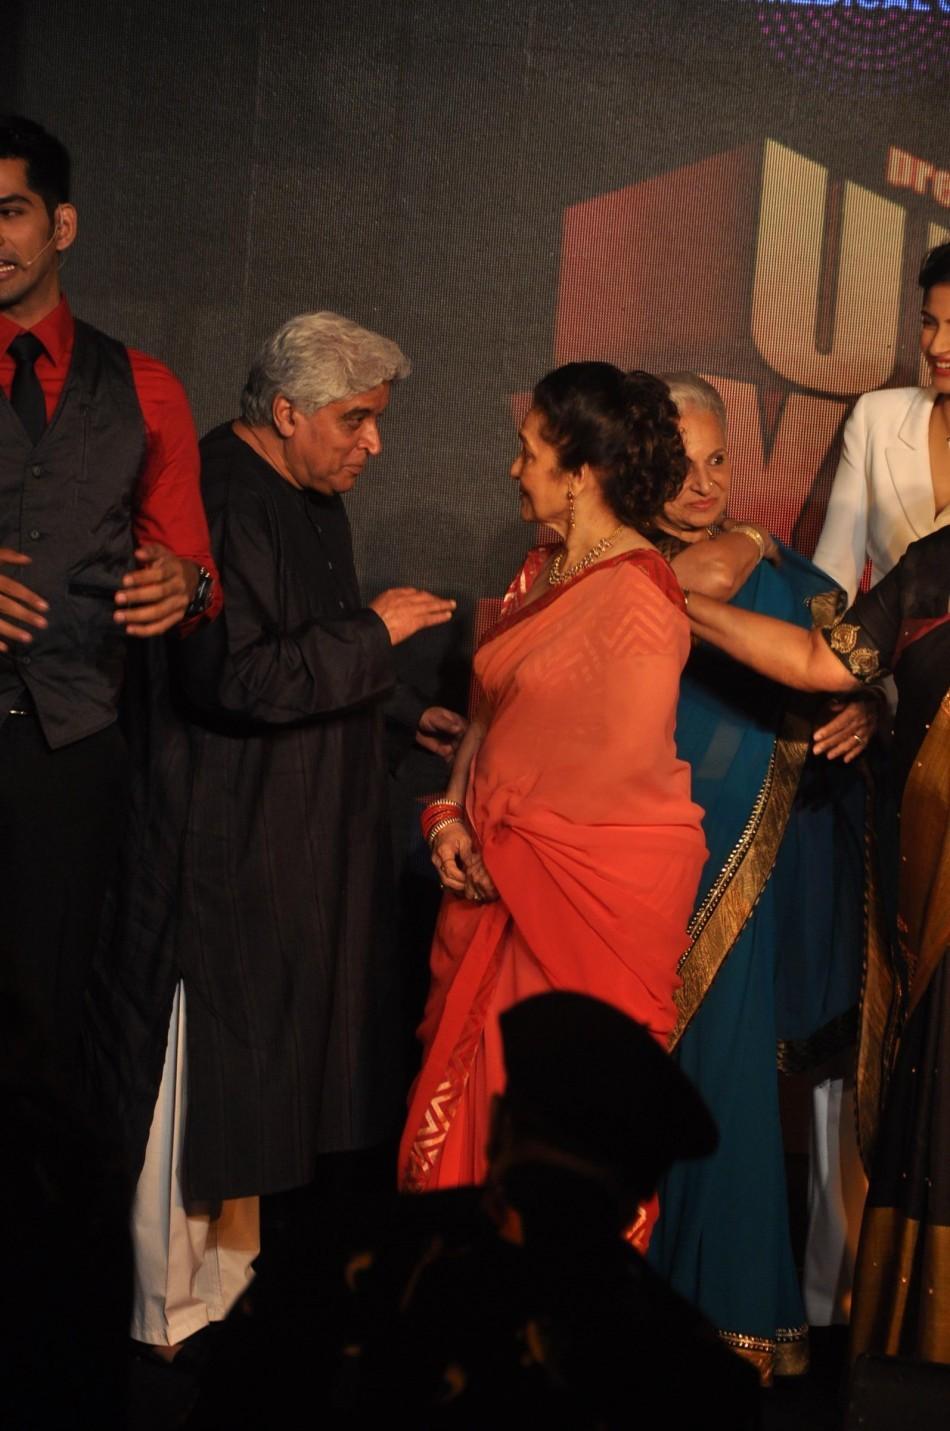 Javed Akhtar, Asha Parekh